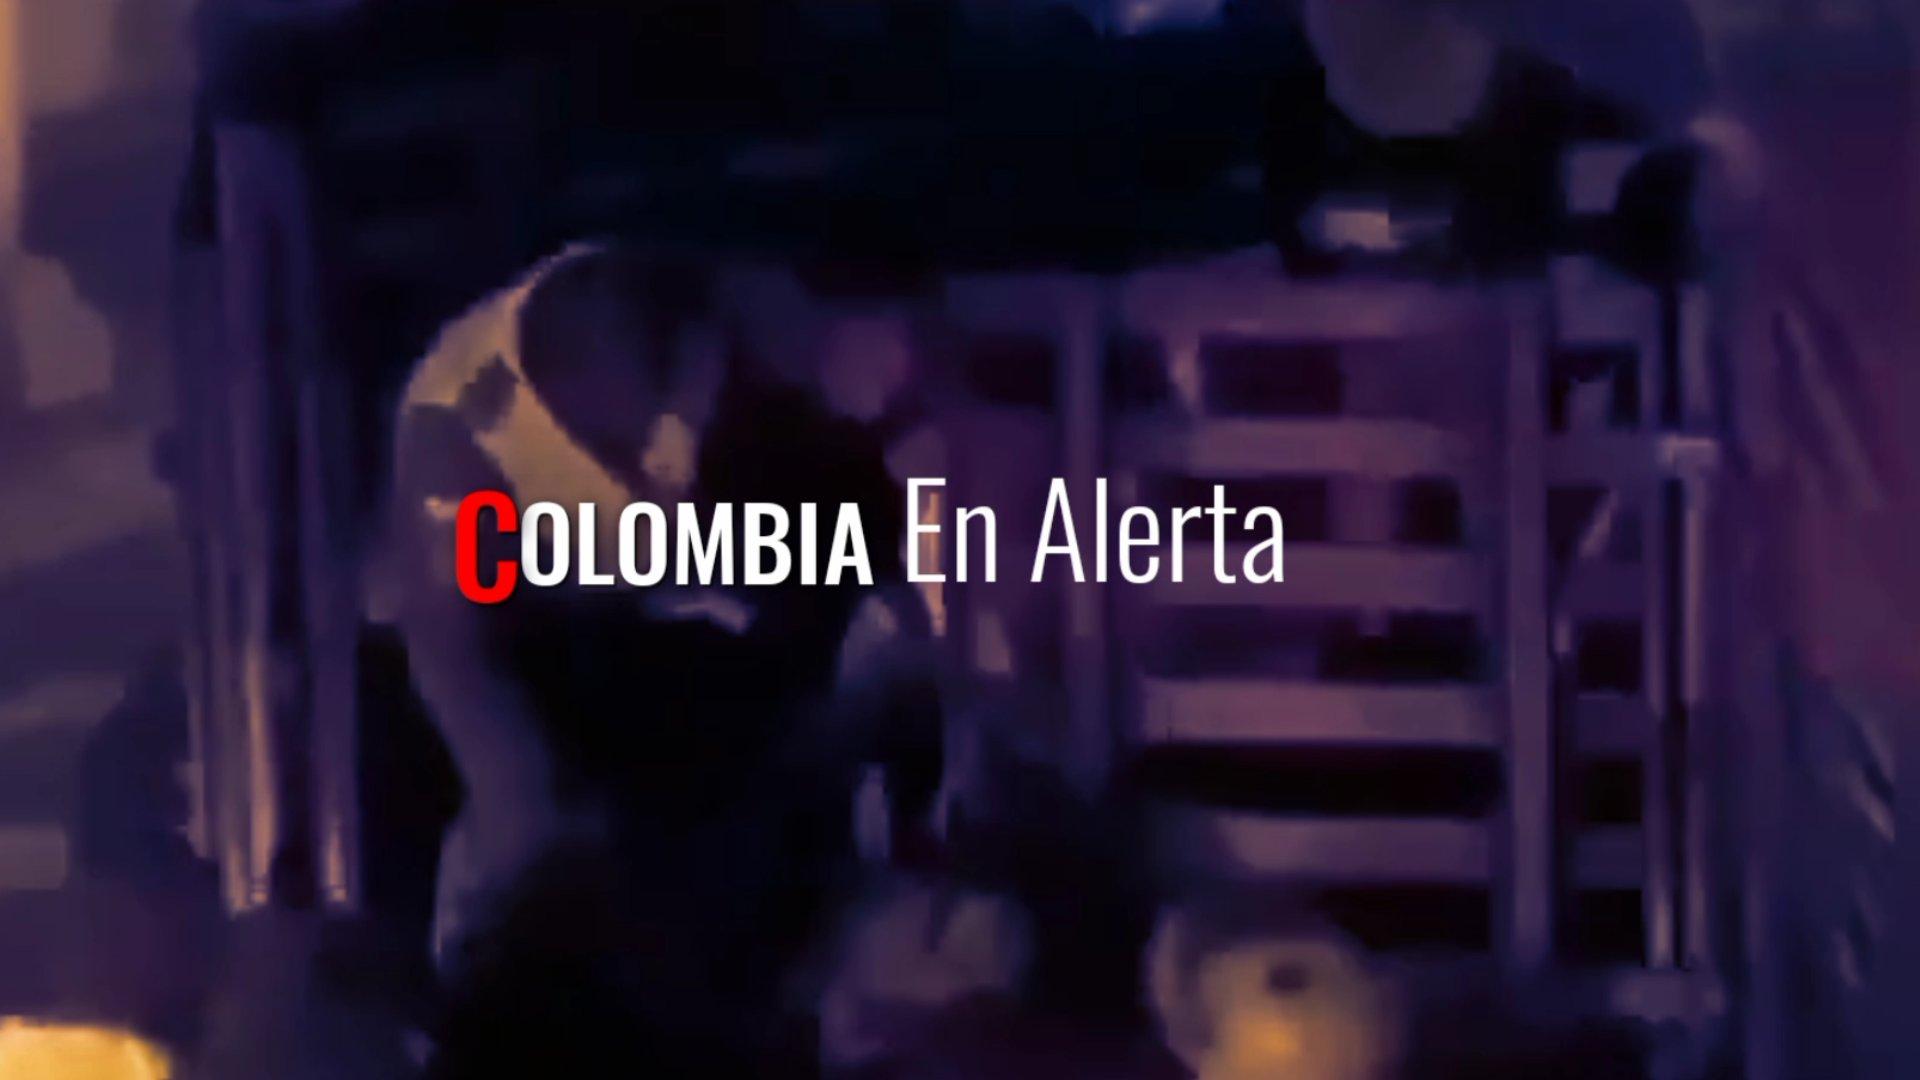 COLOMBIA EN ALERTA-muertos y violaciones a DDHH llevan años